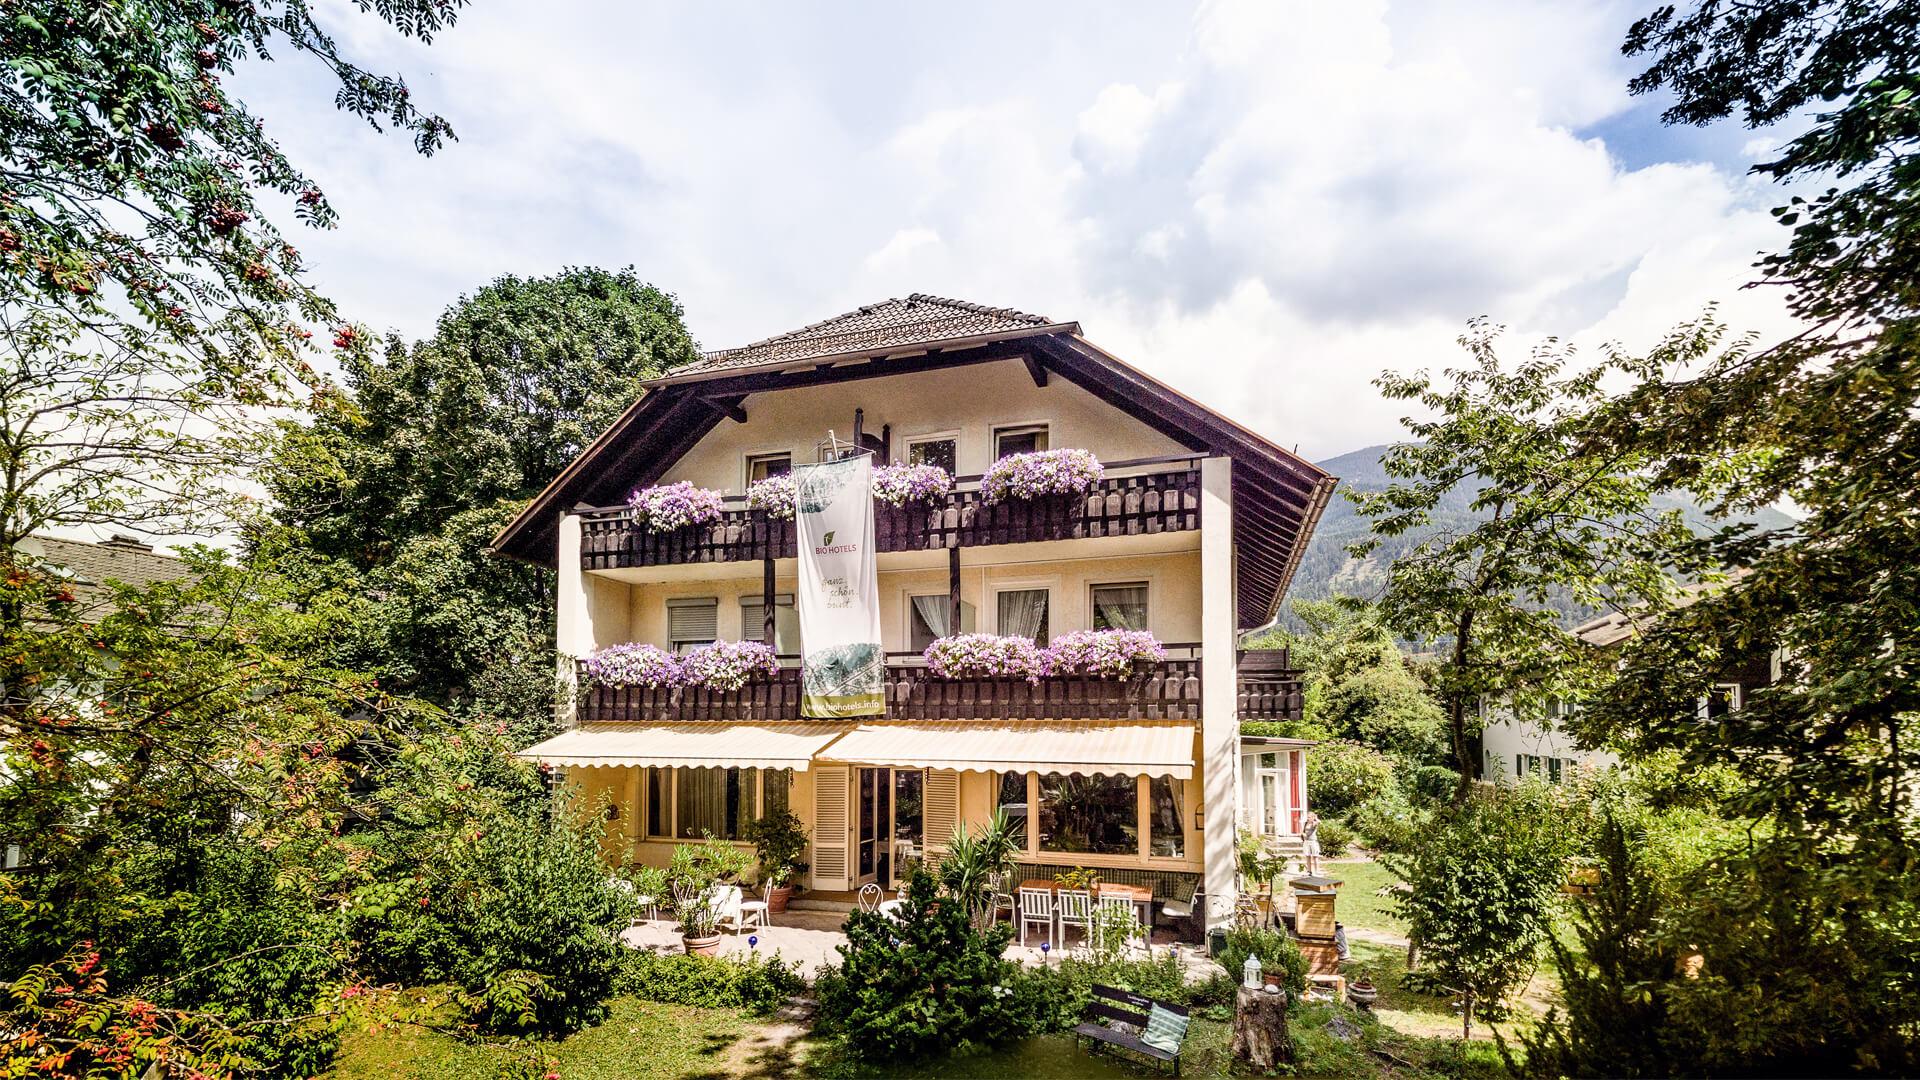 Biohotel Bavaria Garmisch-Partenkirchen – Hotel im Sommer